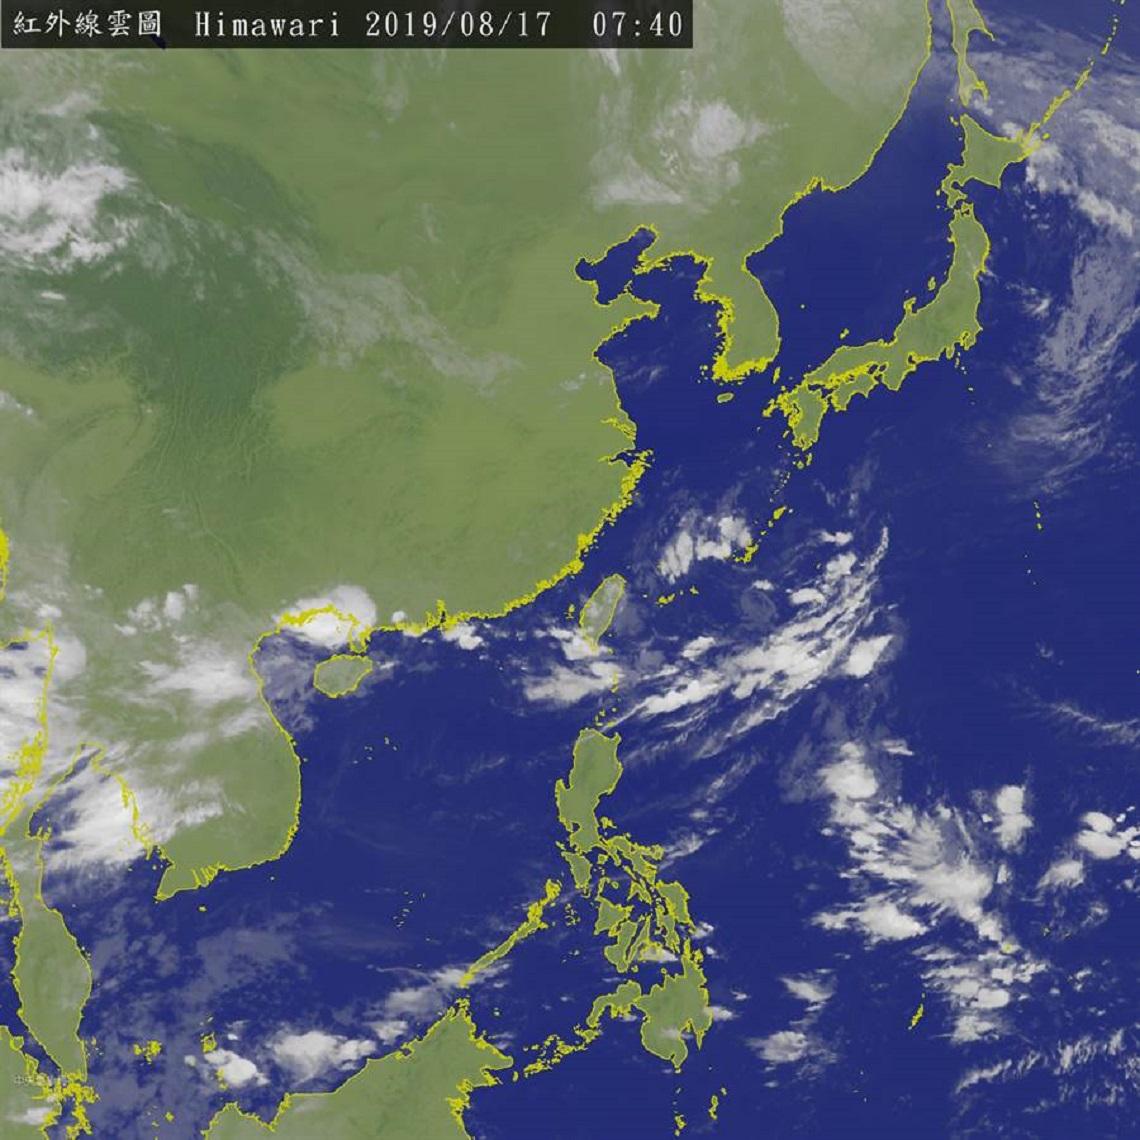 連日大雨將持續到下週二 專家:下週五恐有颱風生成